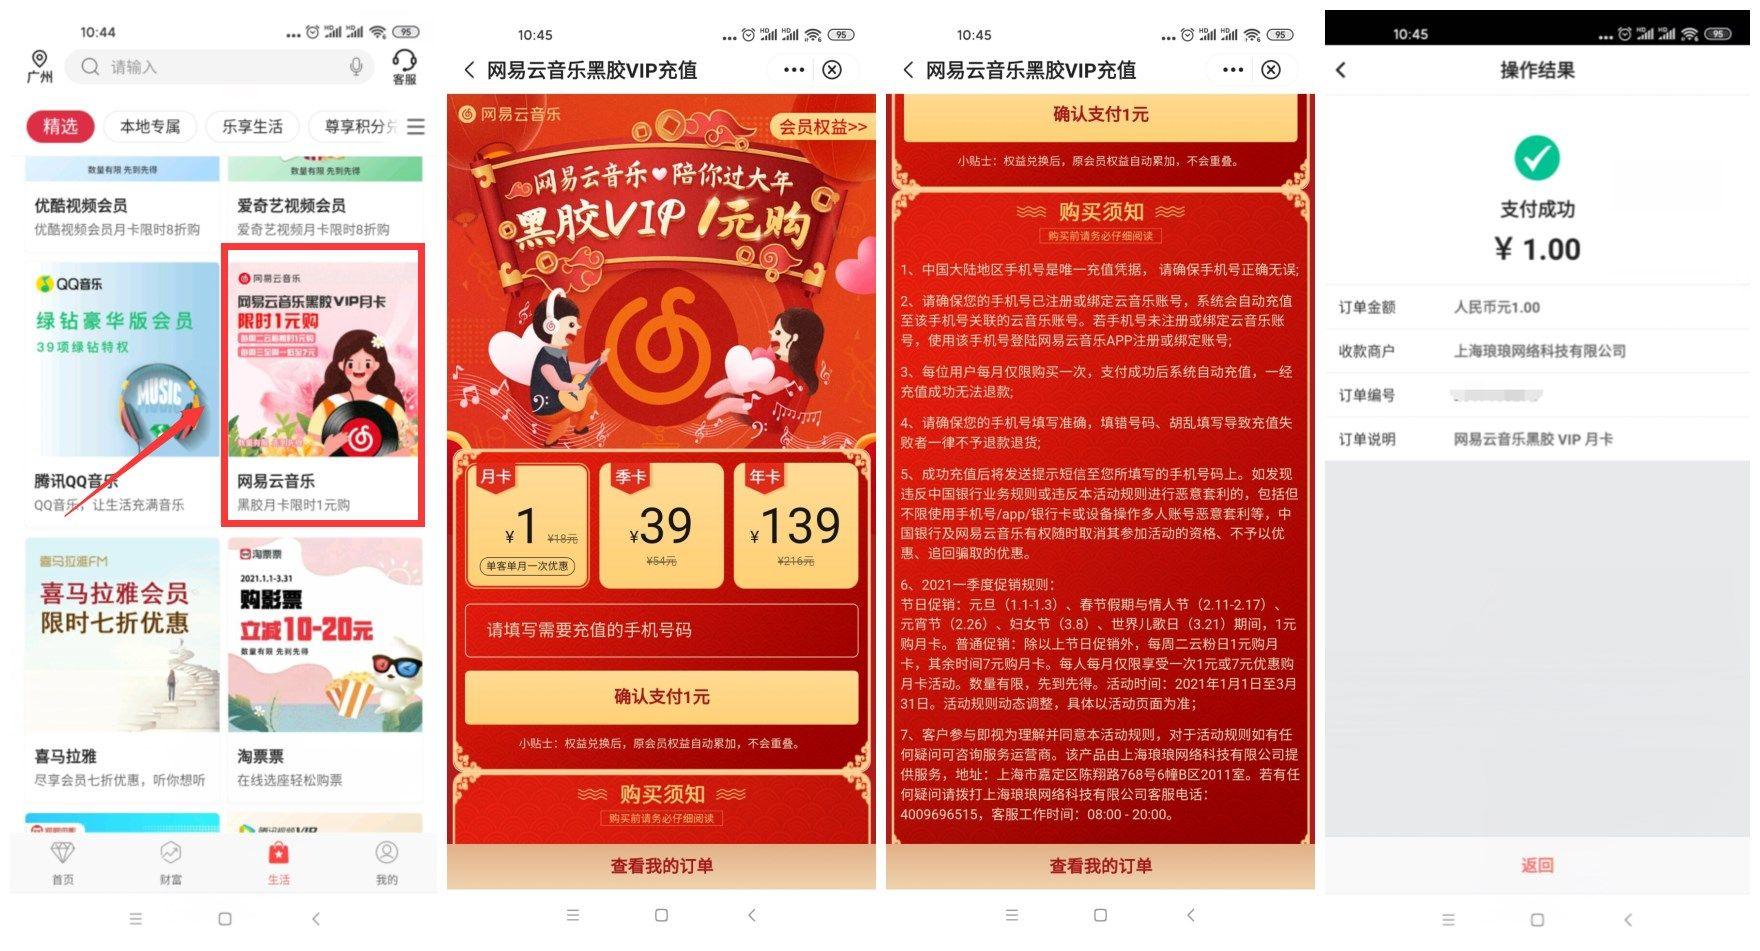 中国银行1元开网易云音乐月卡